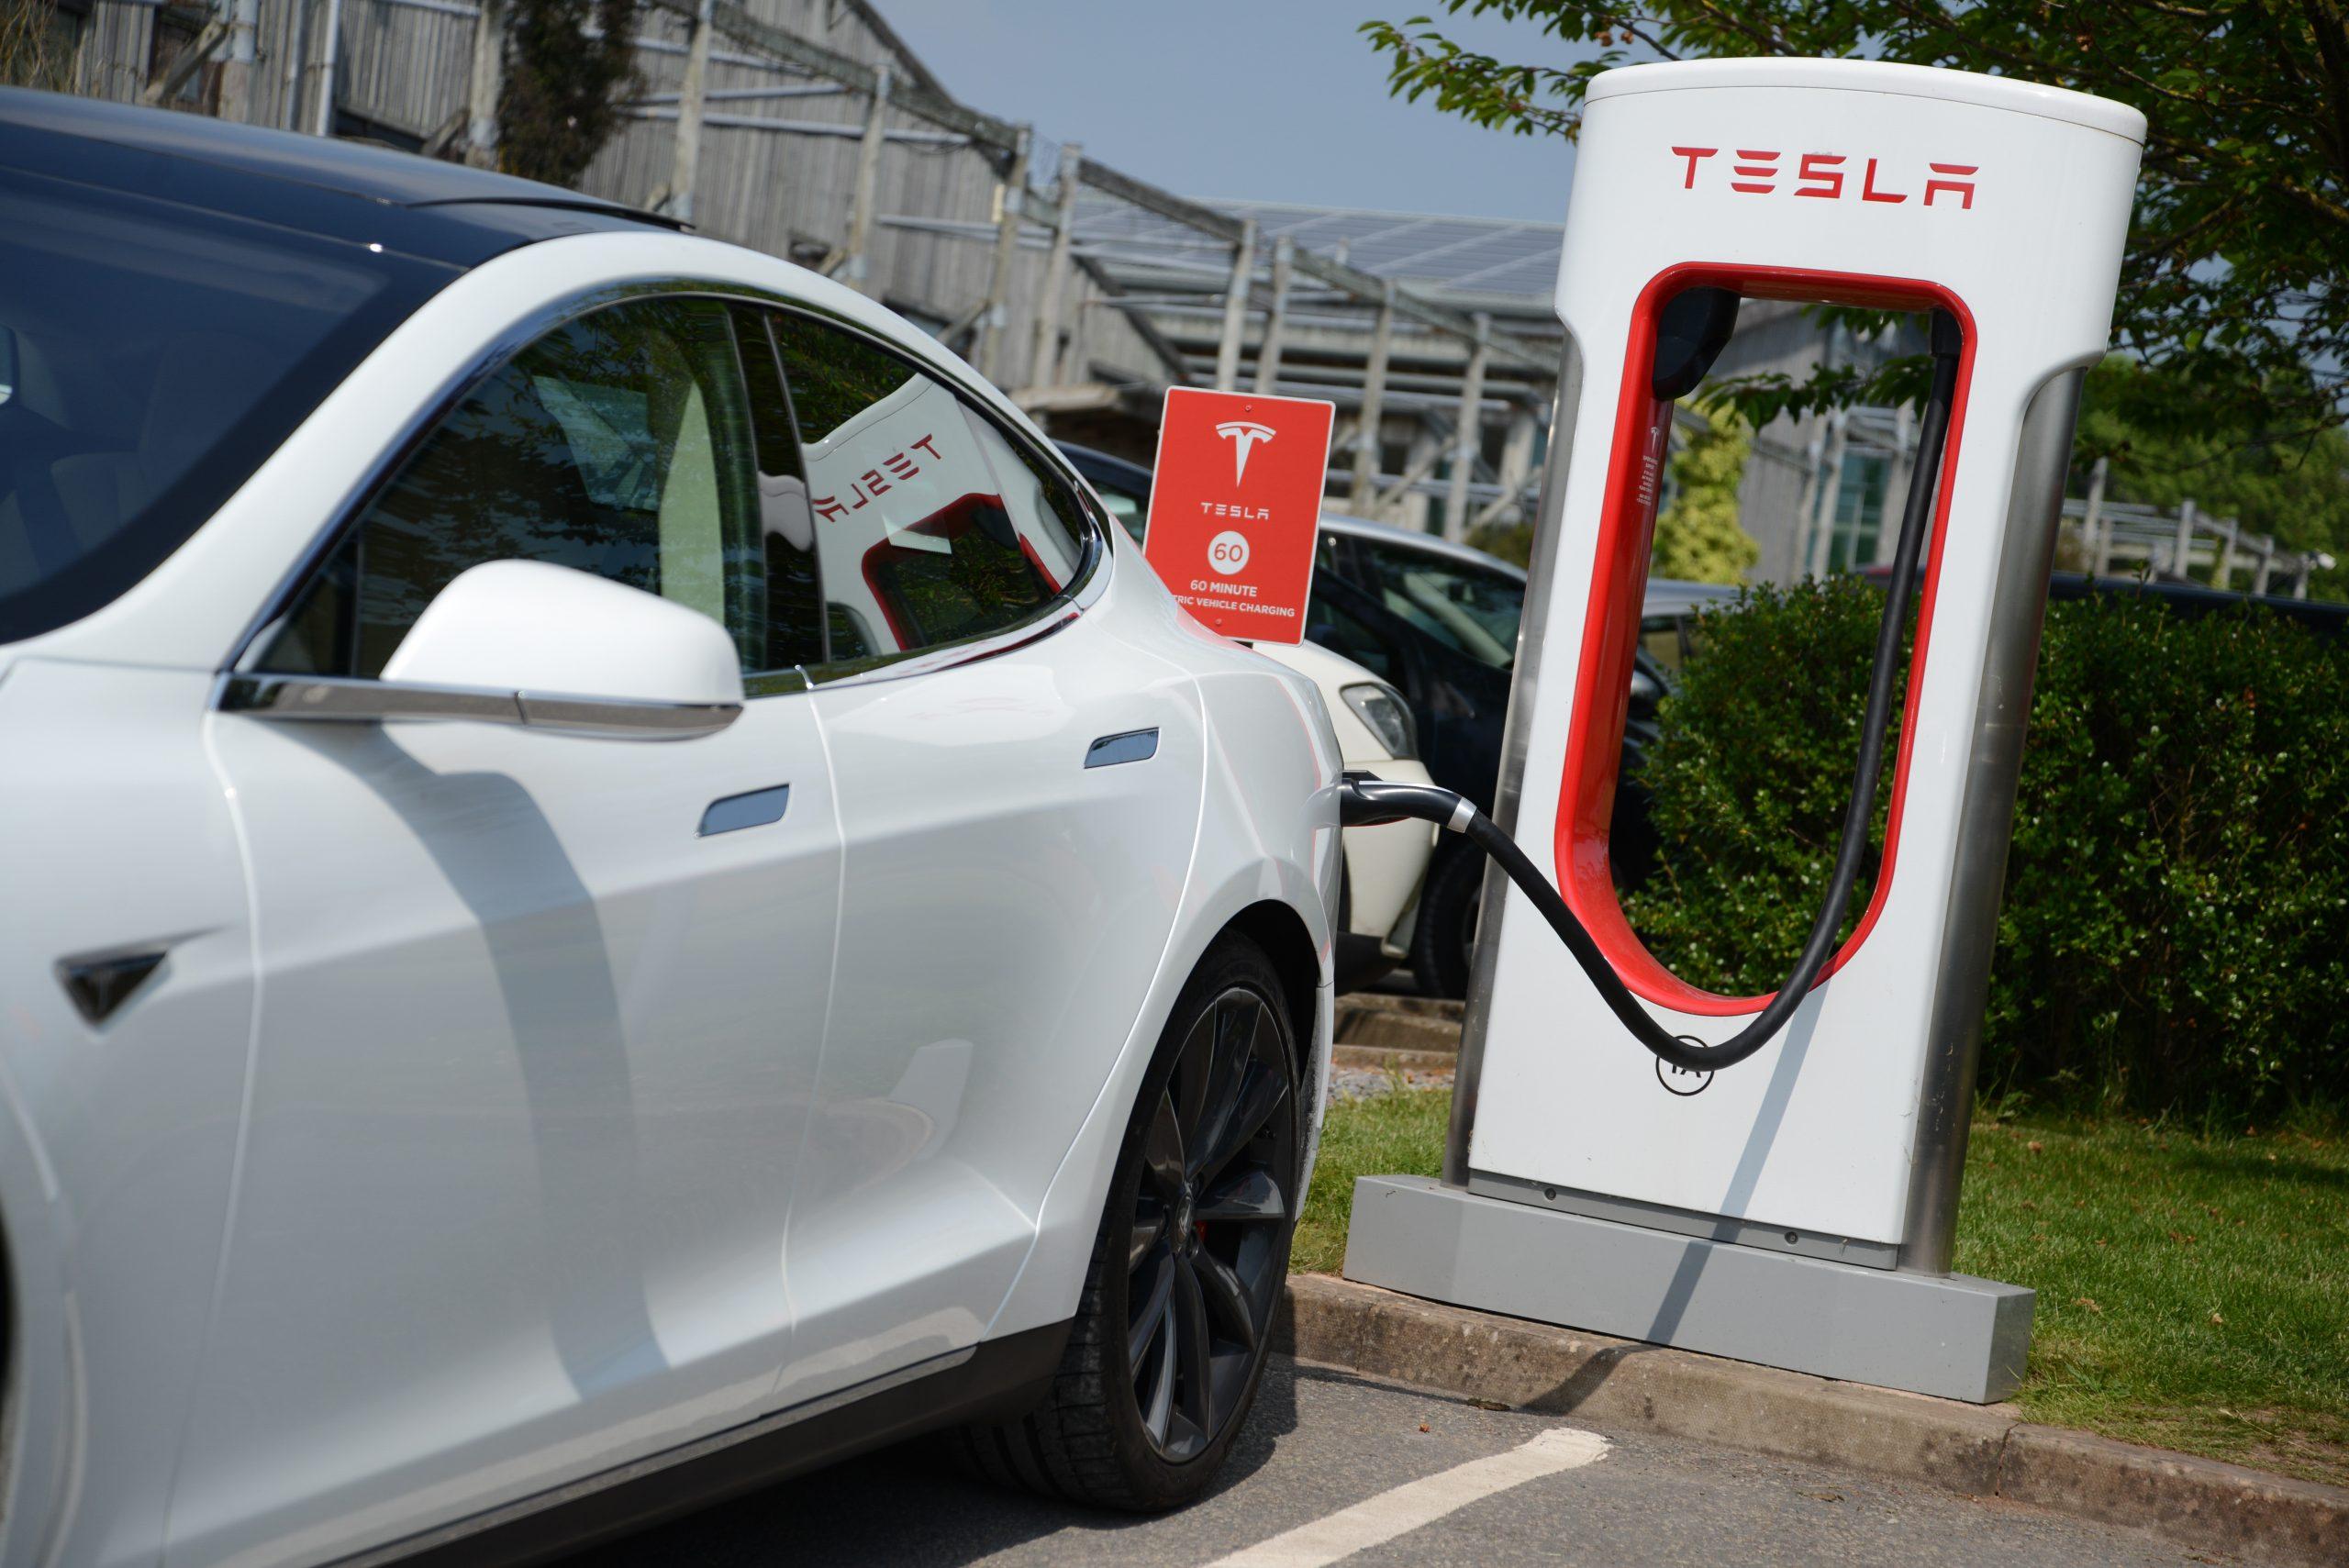 tesla model s charging station